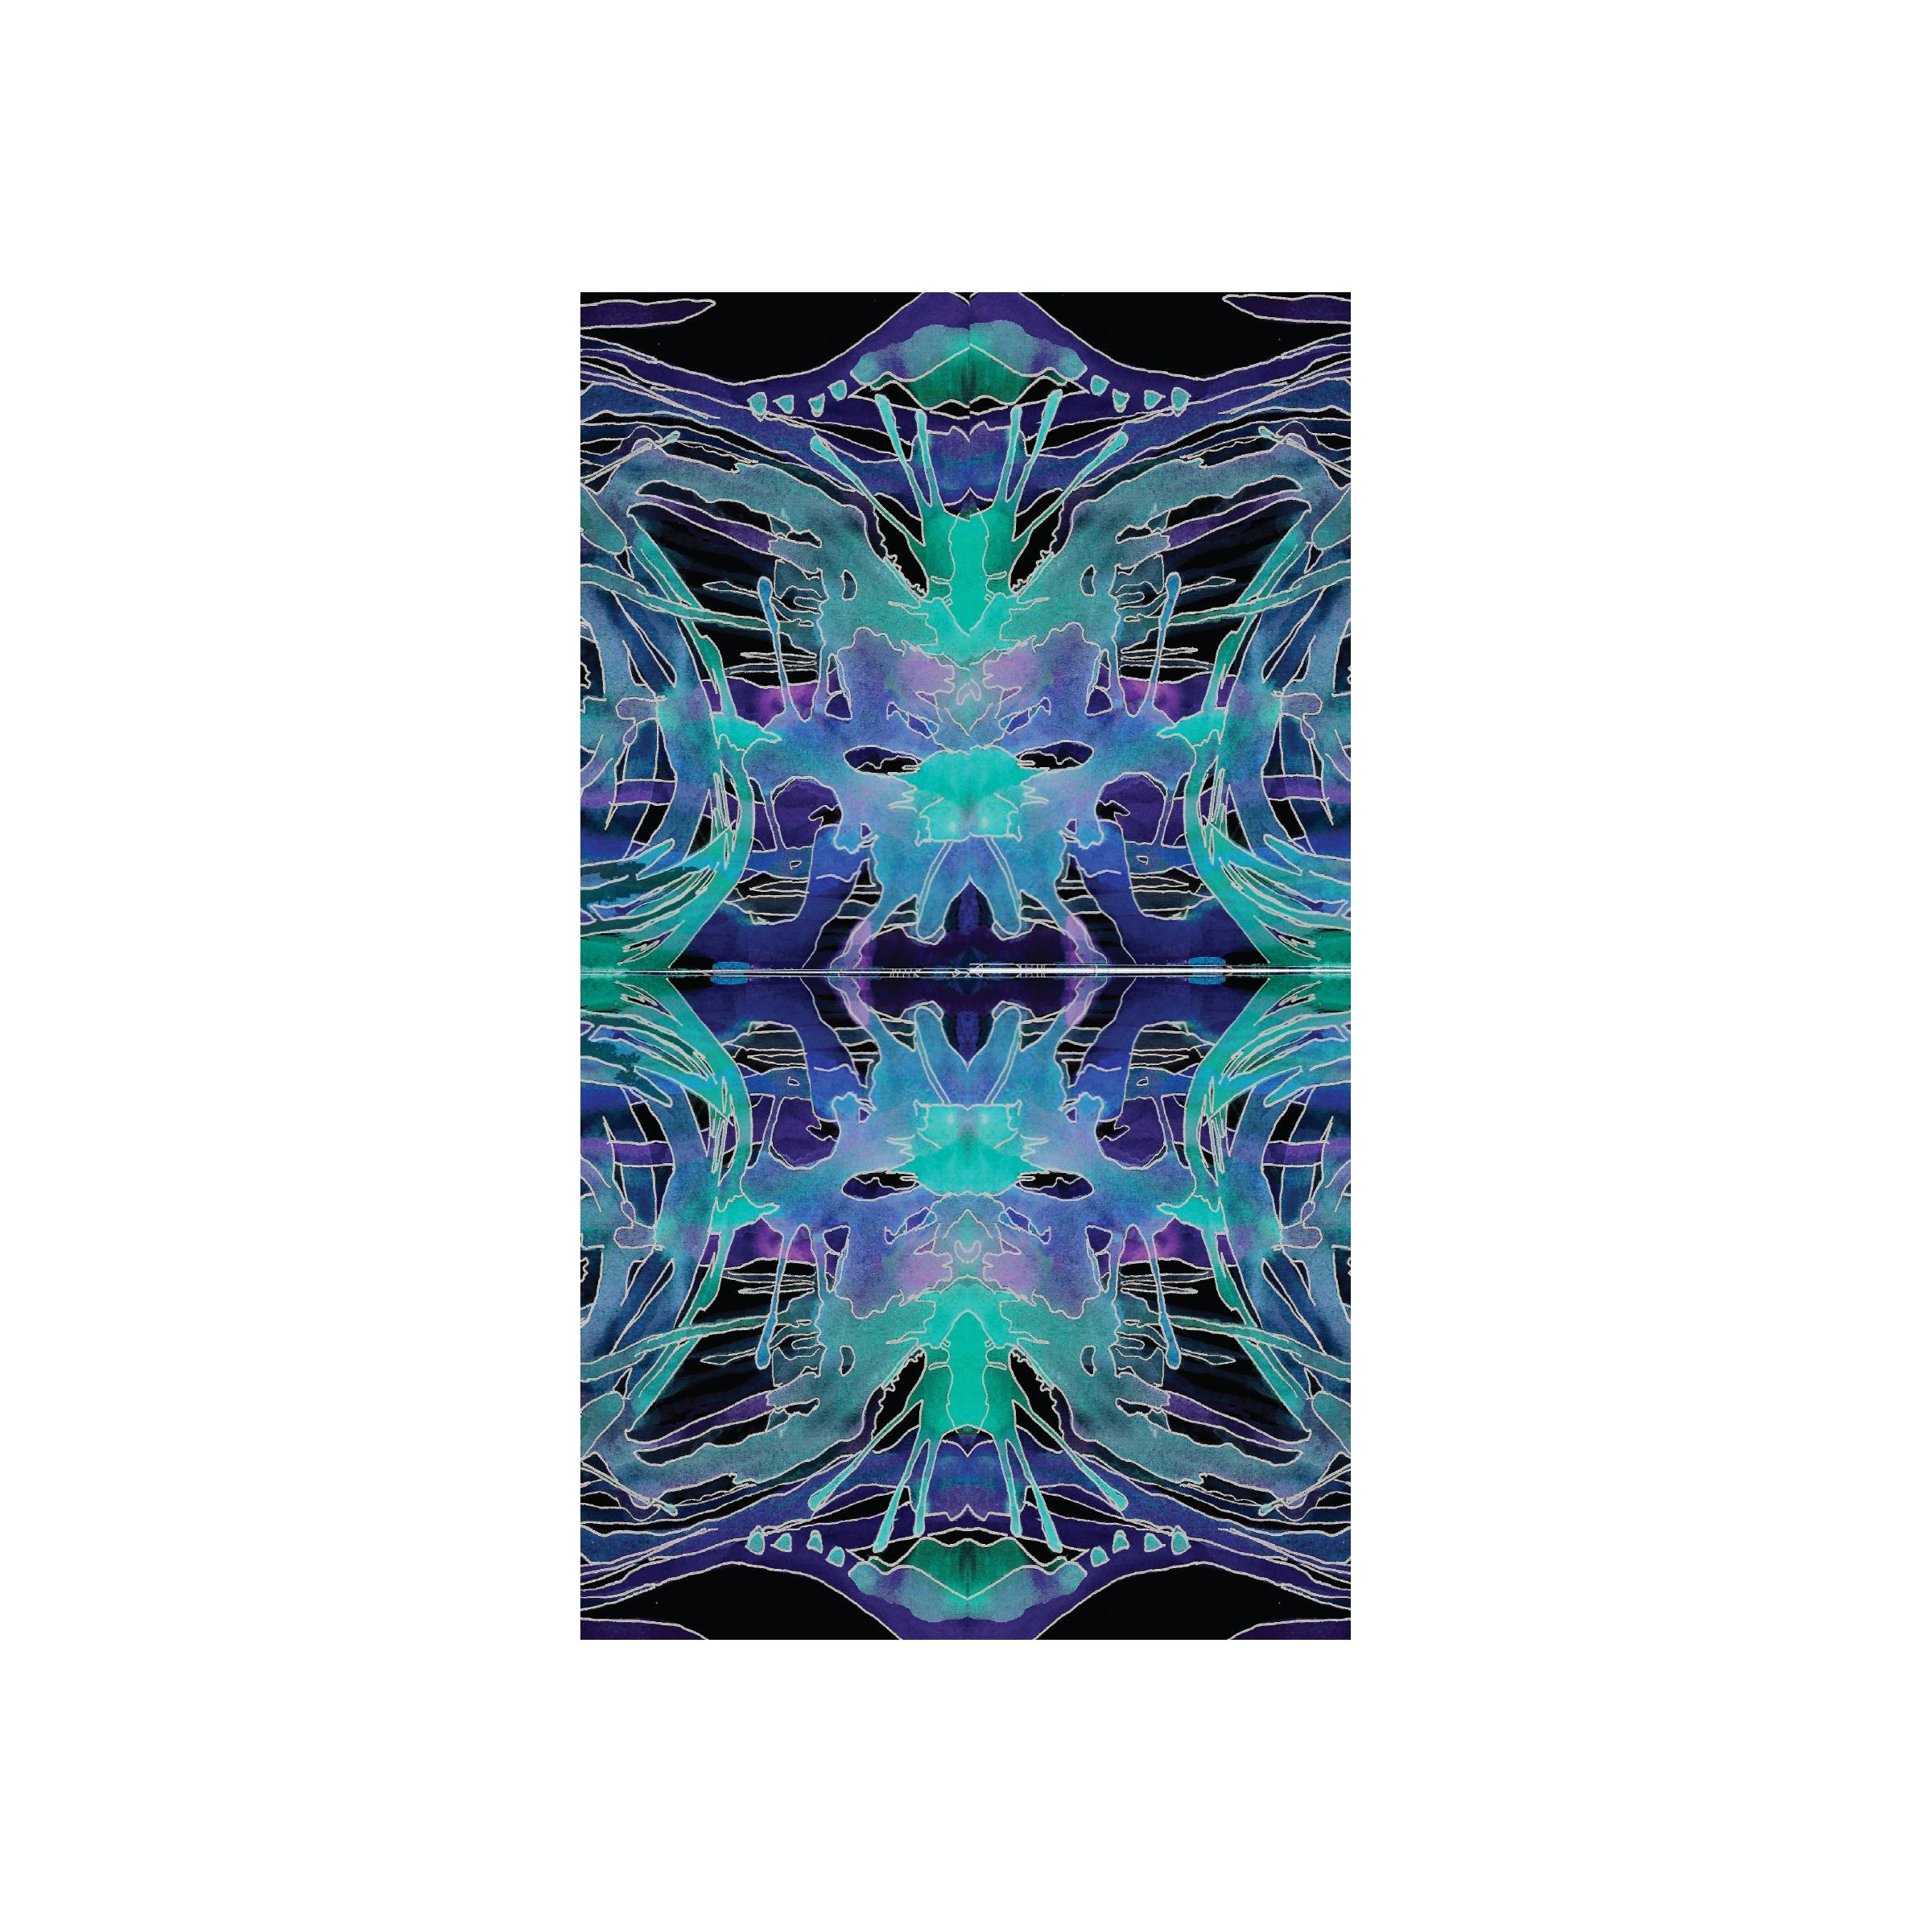 Radical Rhythmic Blue